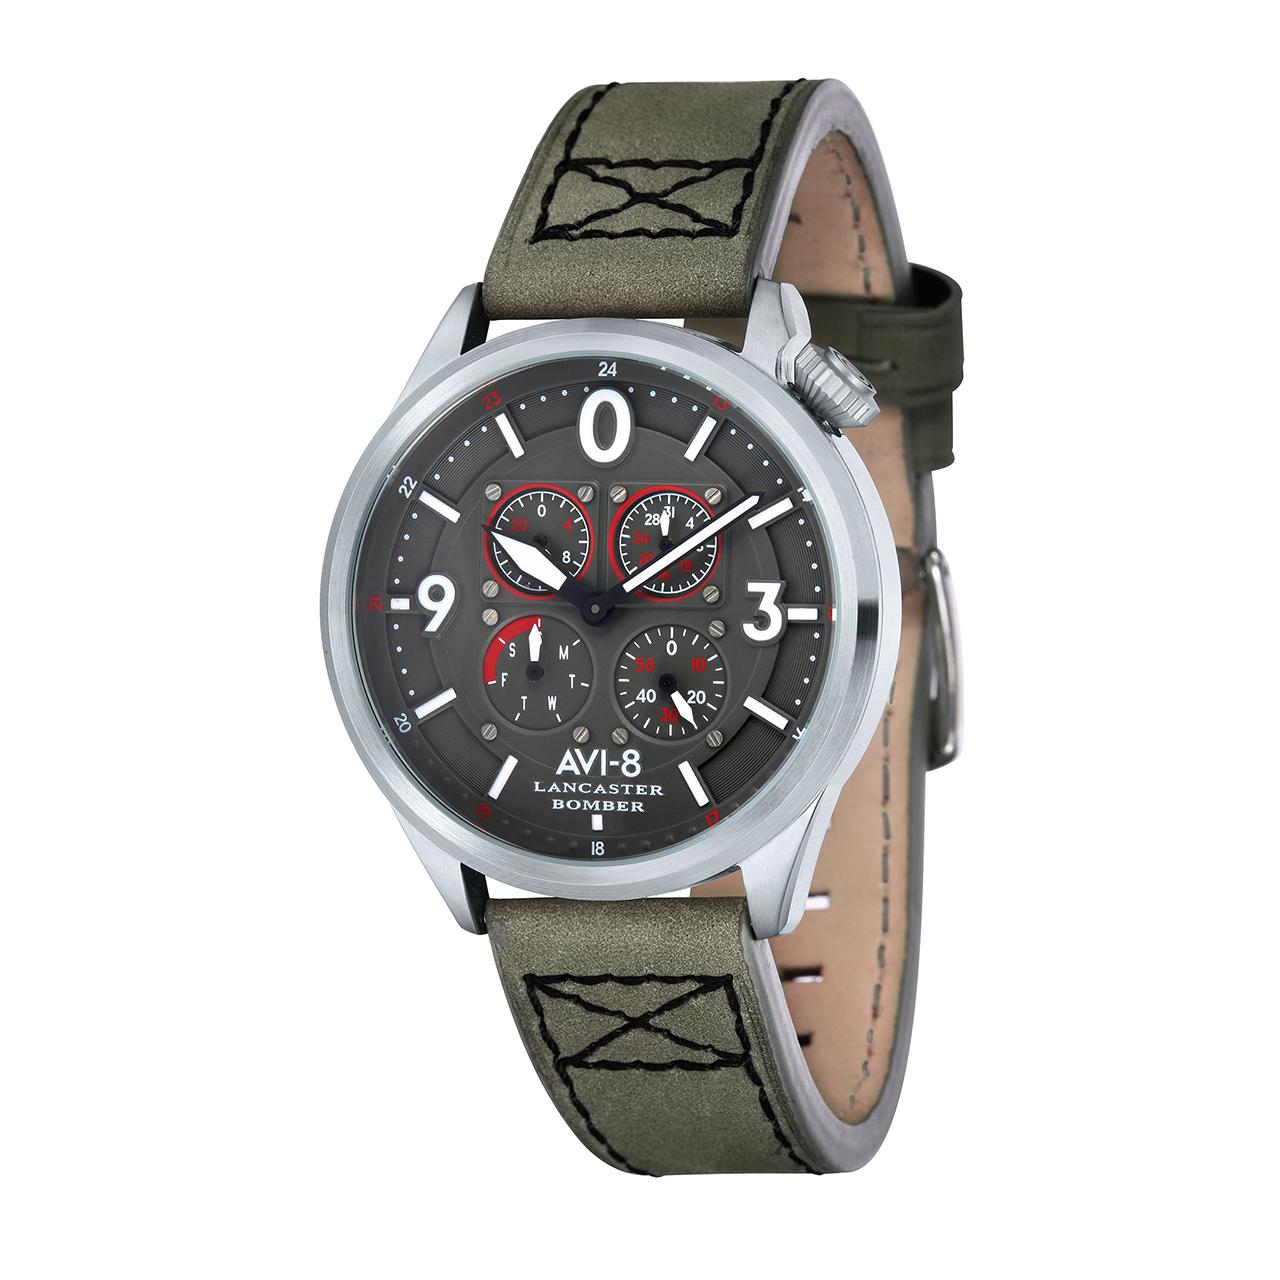 ساعت مچی عقربه ای مردانه ای وی-8 مدل AV-4050-03 55